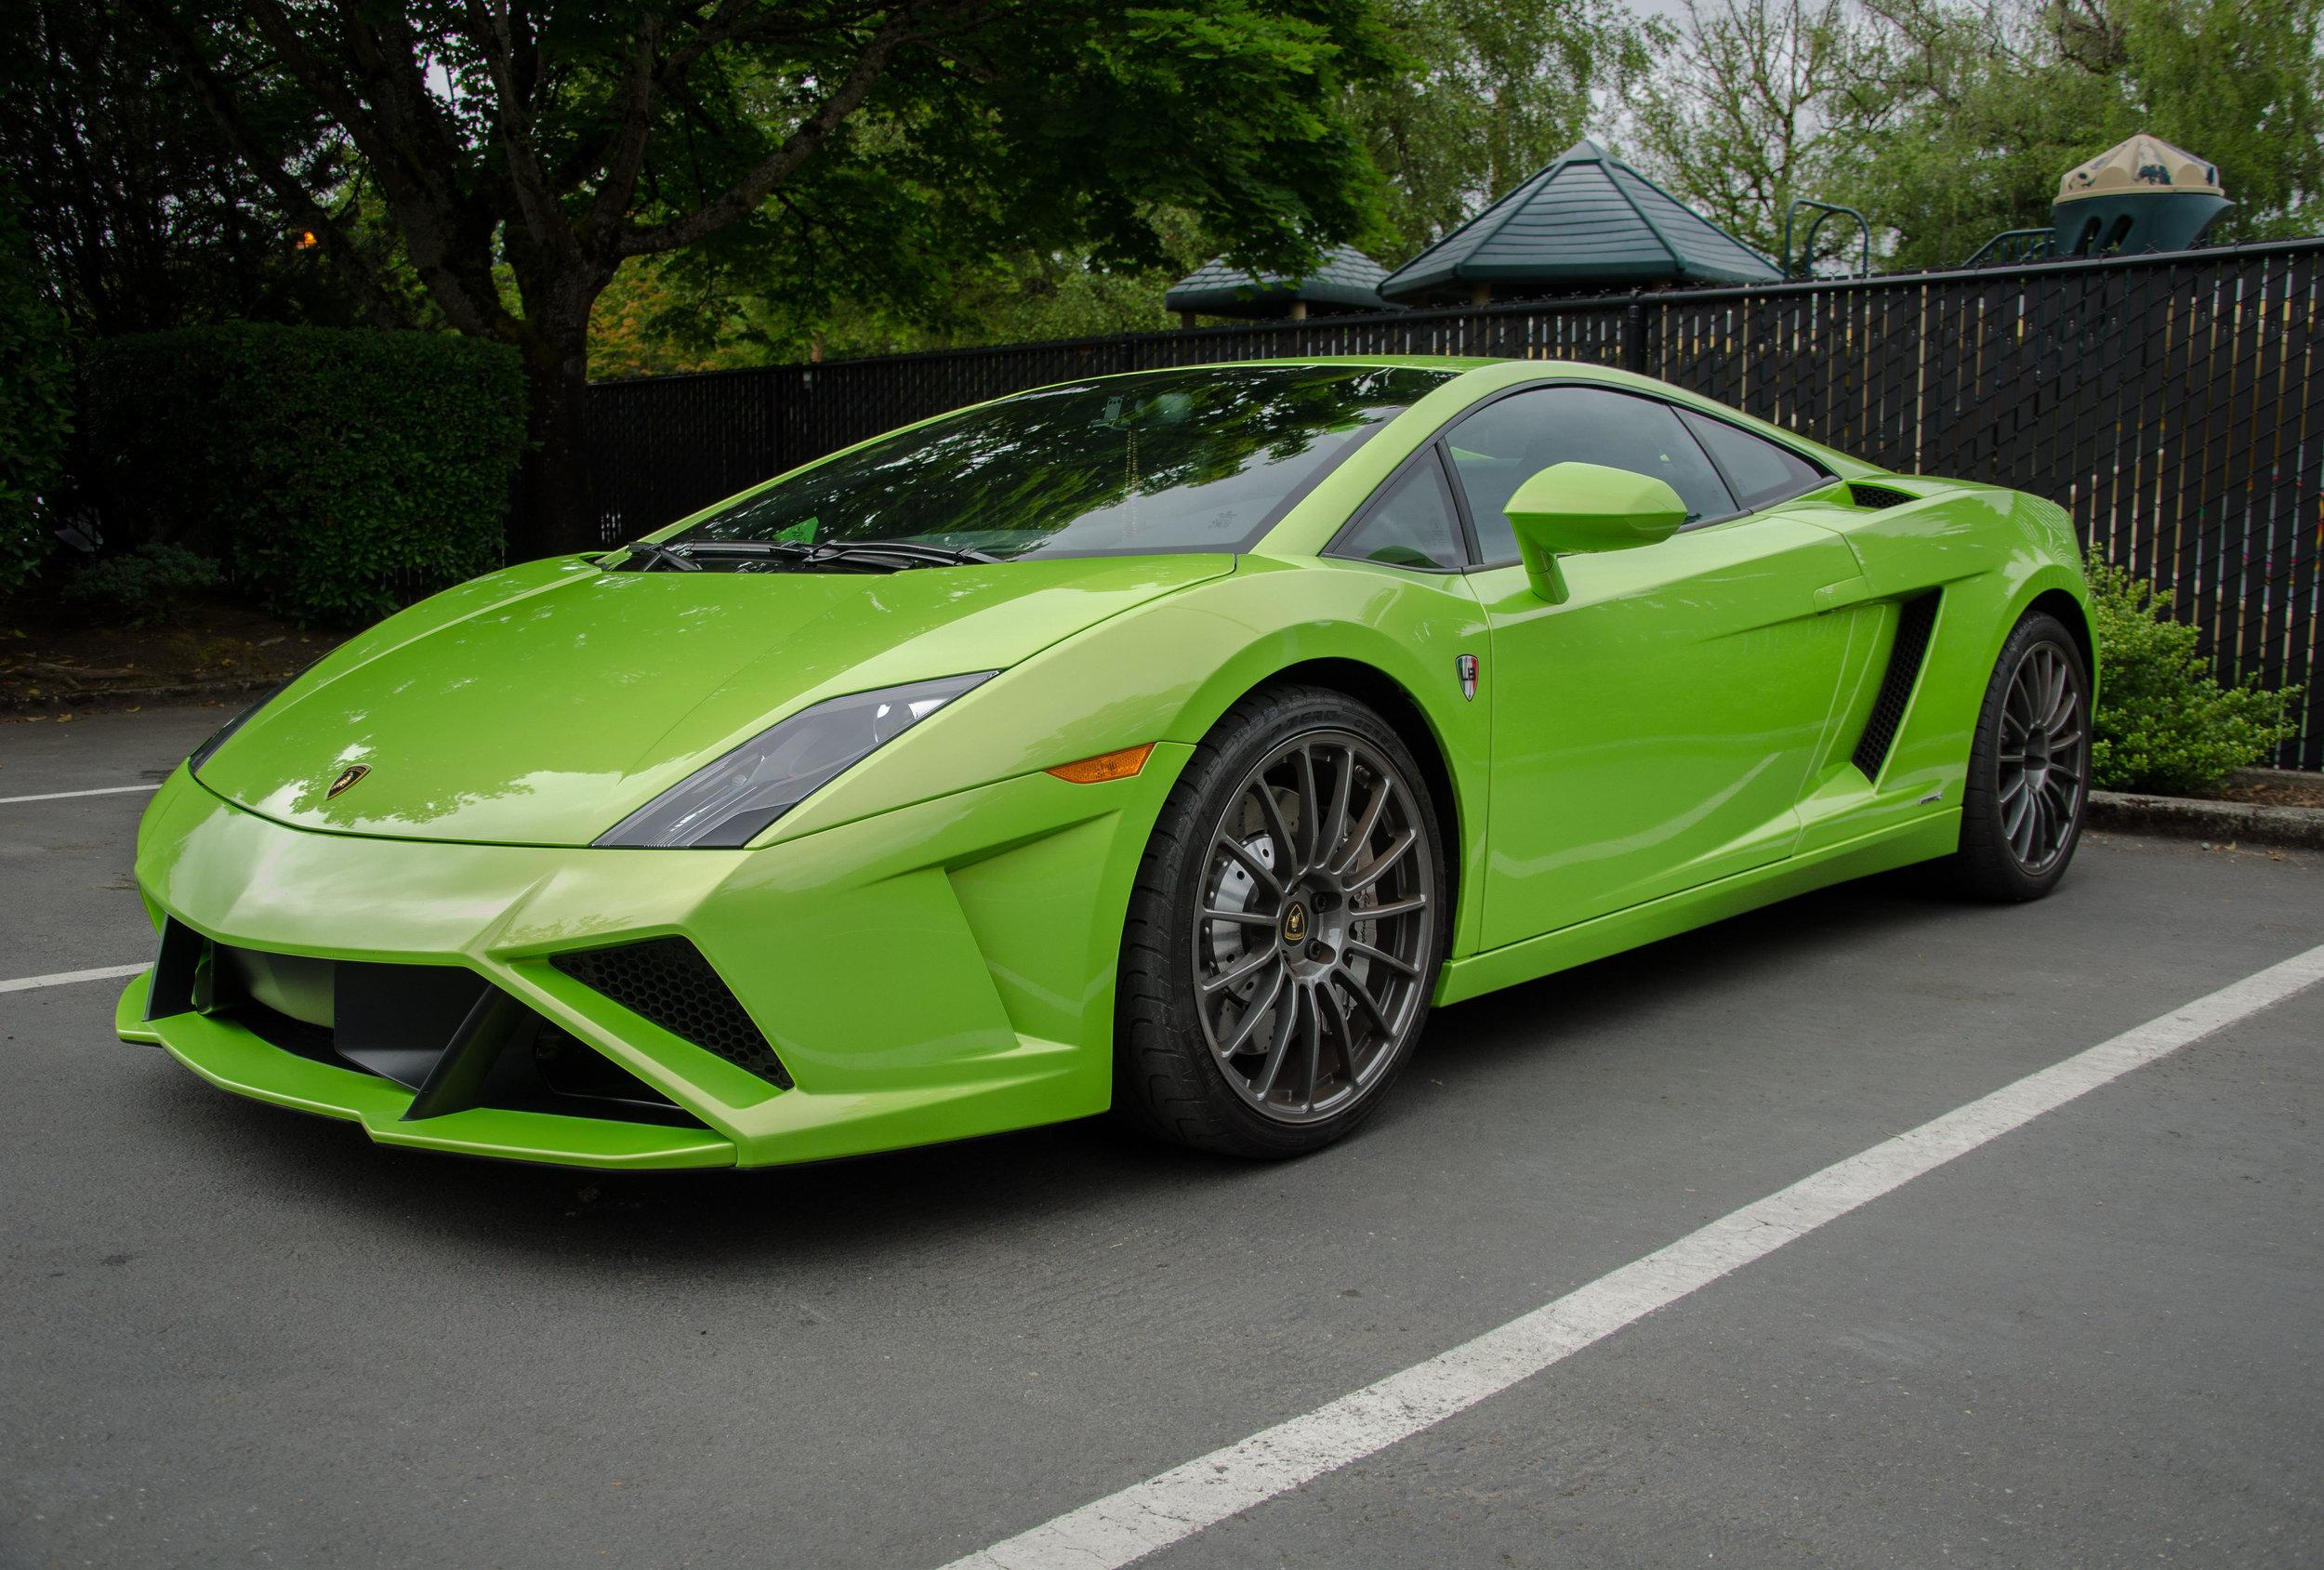 2013 Lamborghini Gallardo Lp560 4 Avants